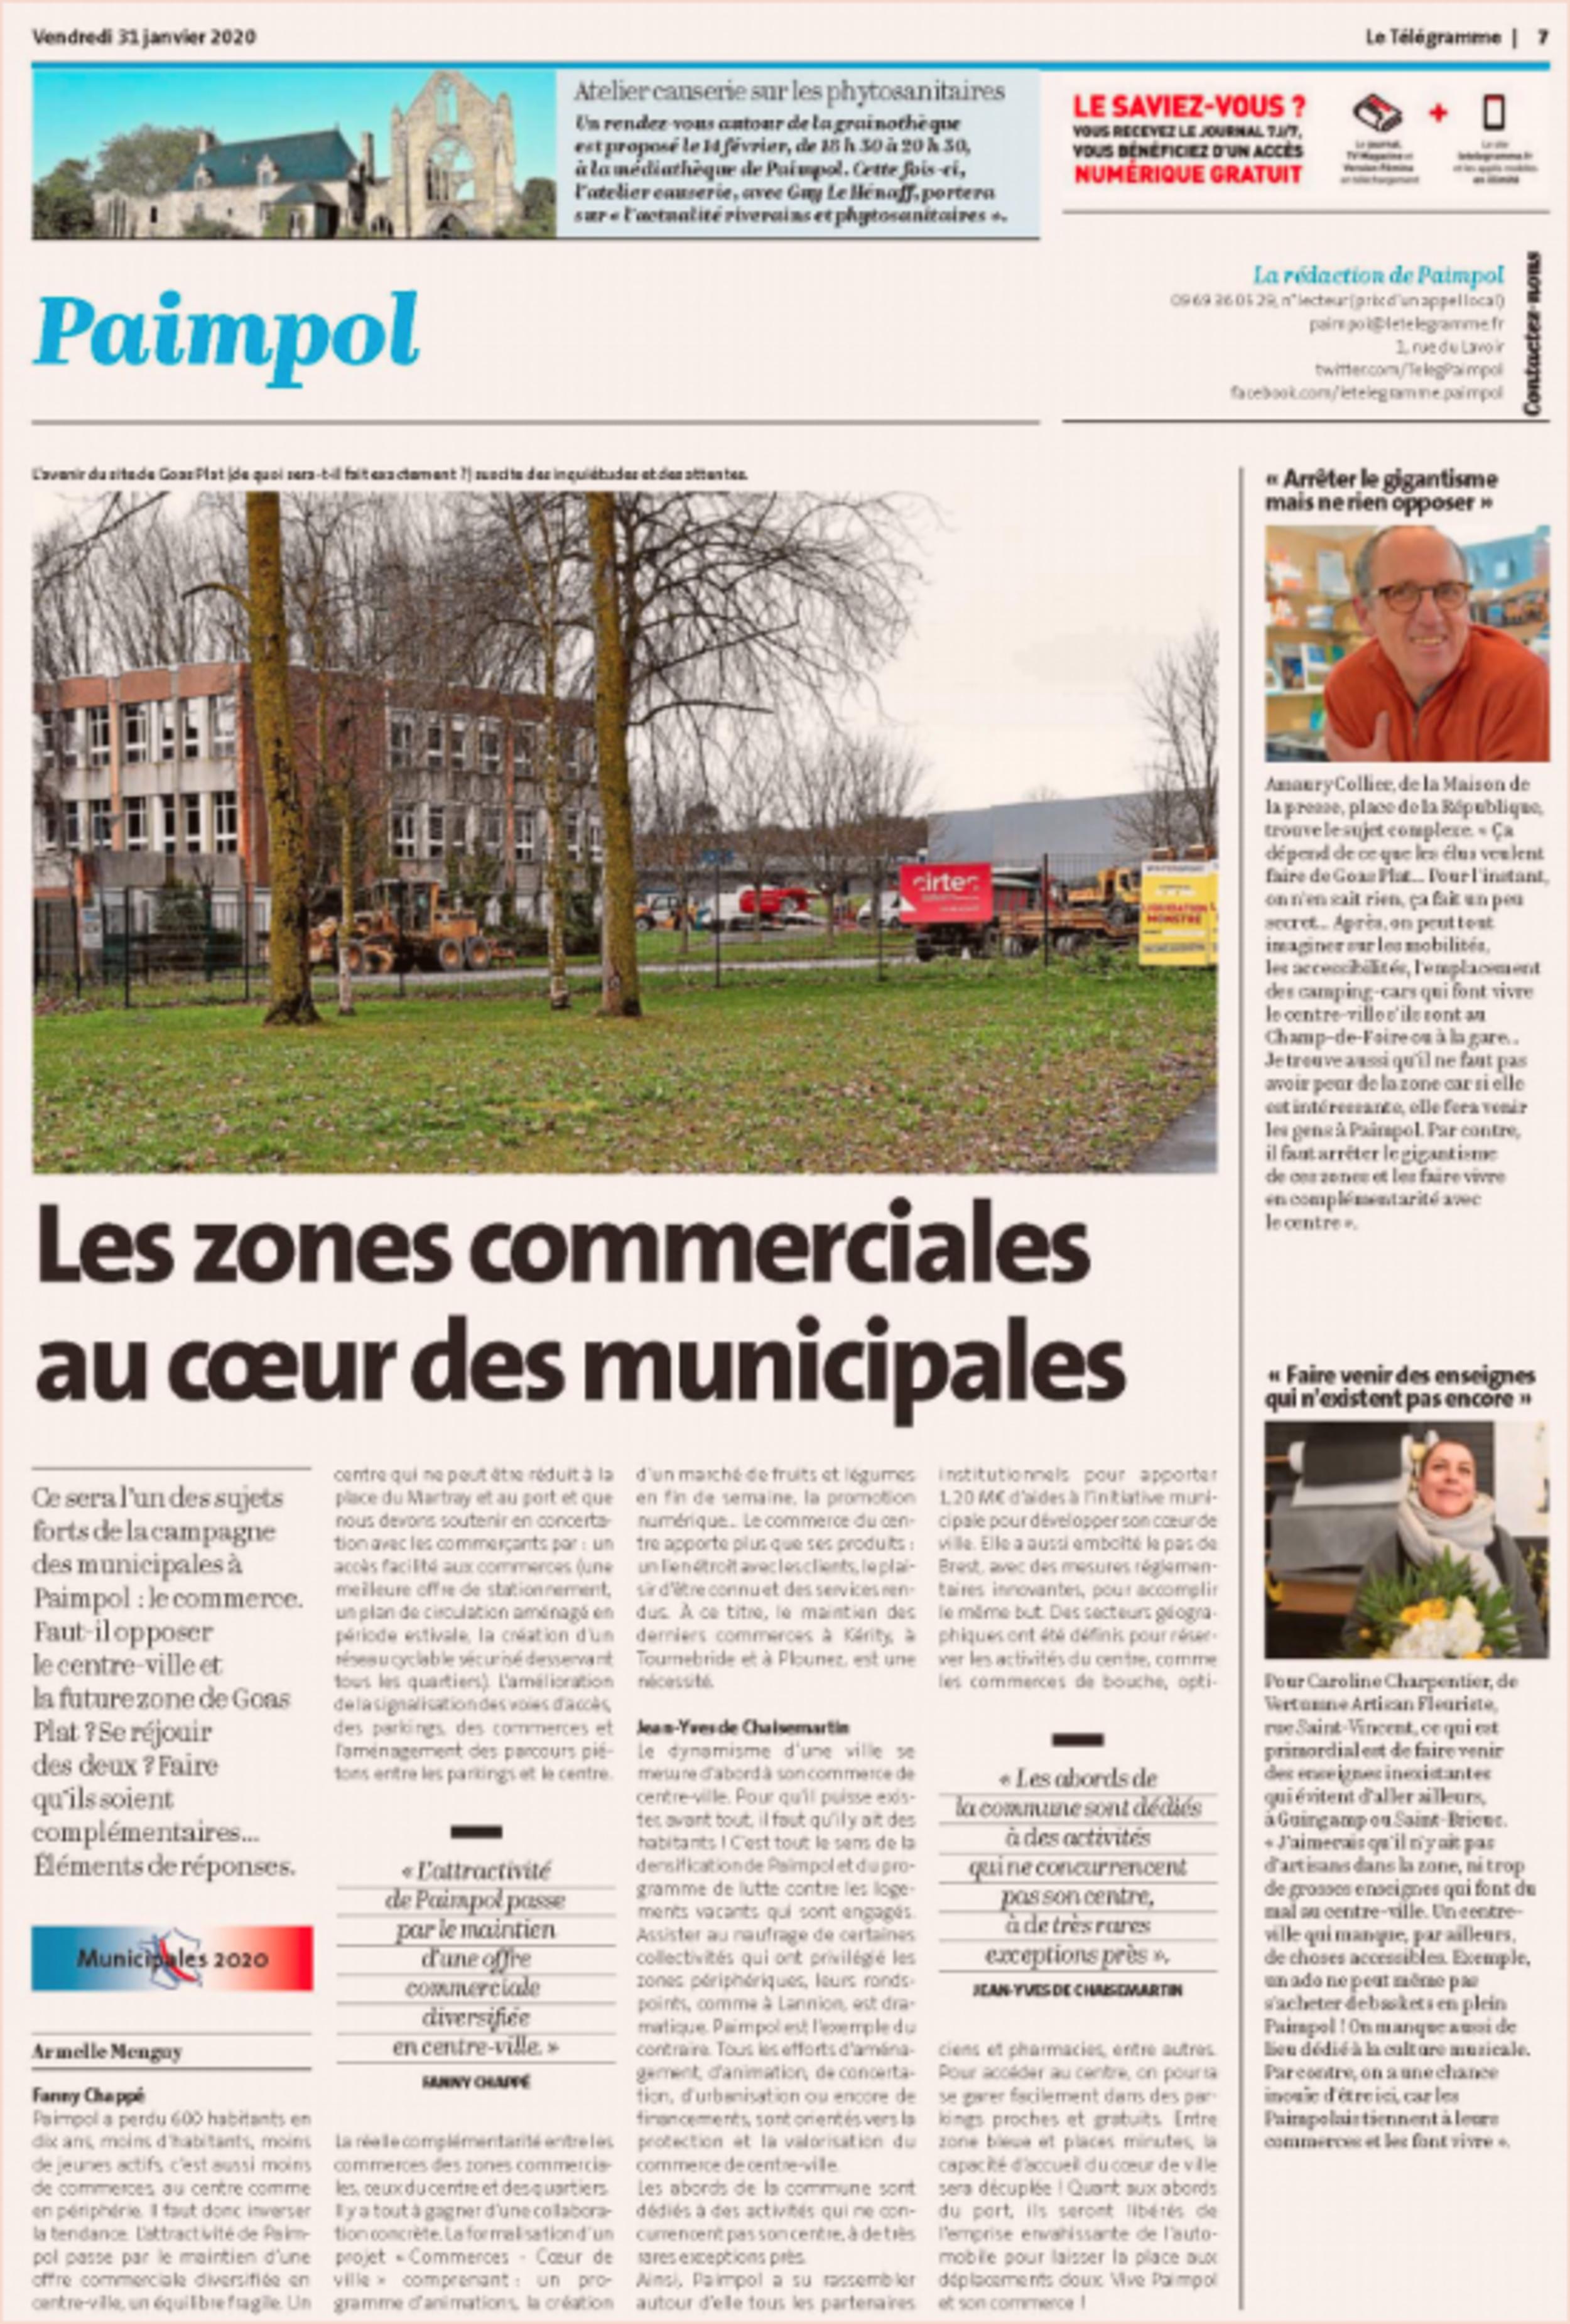 Les zones commerciales au cœur des municipales